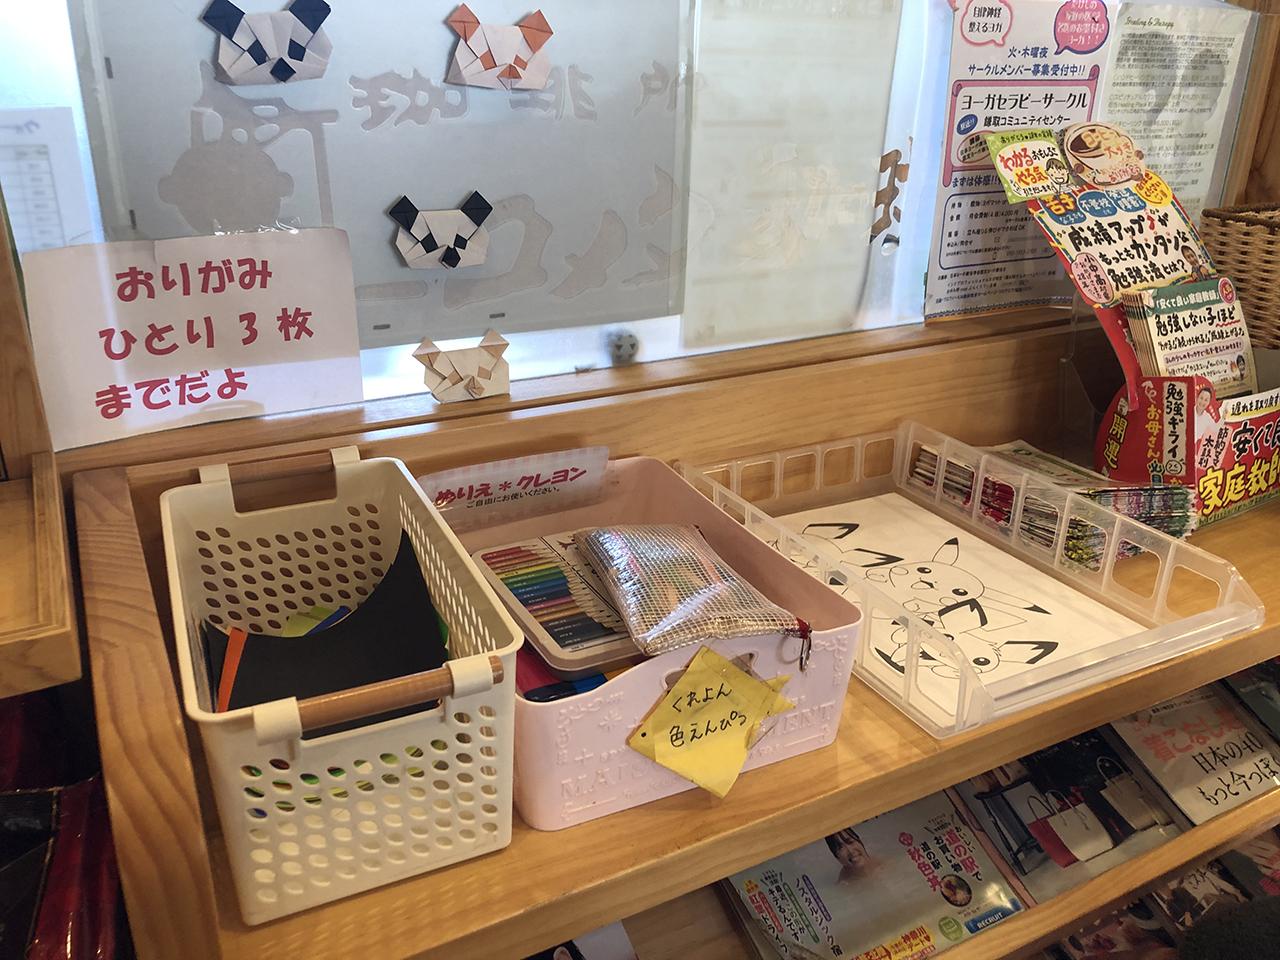 珈琲所コメダ珈琲店 ミスターマックスおゆみ野店の投稿写真5